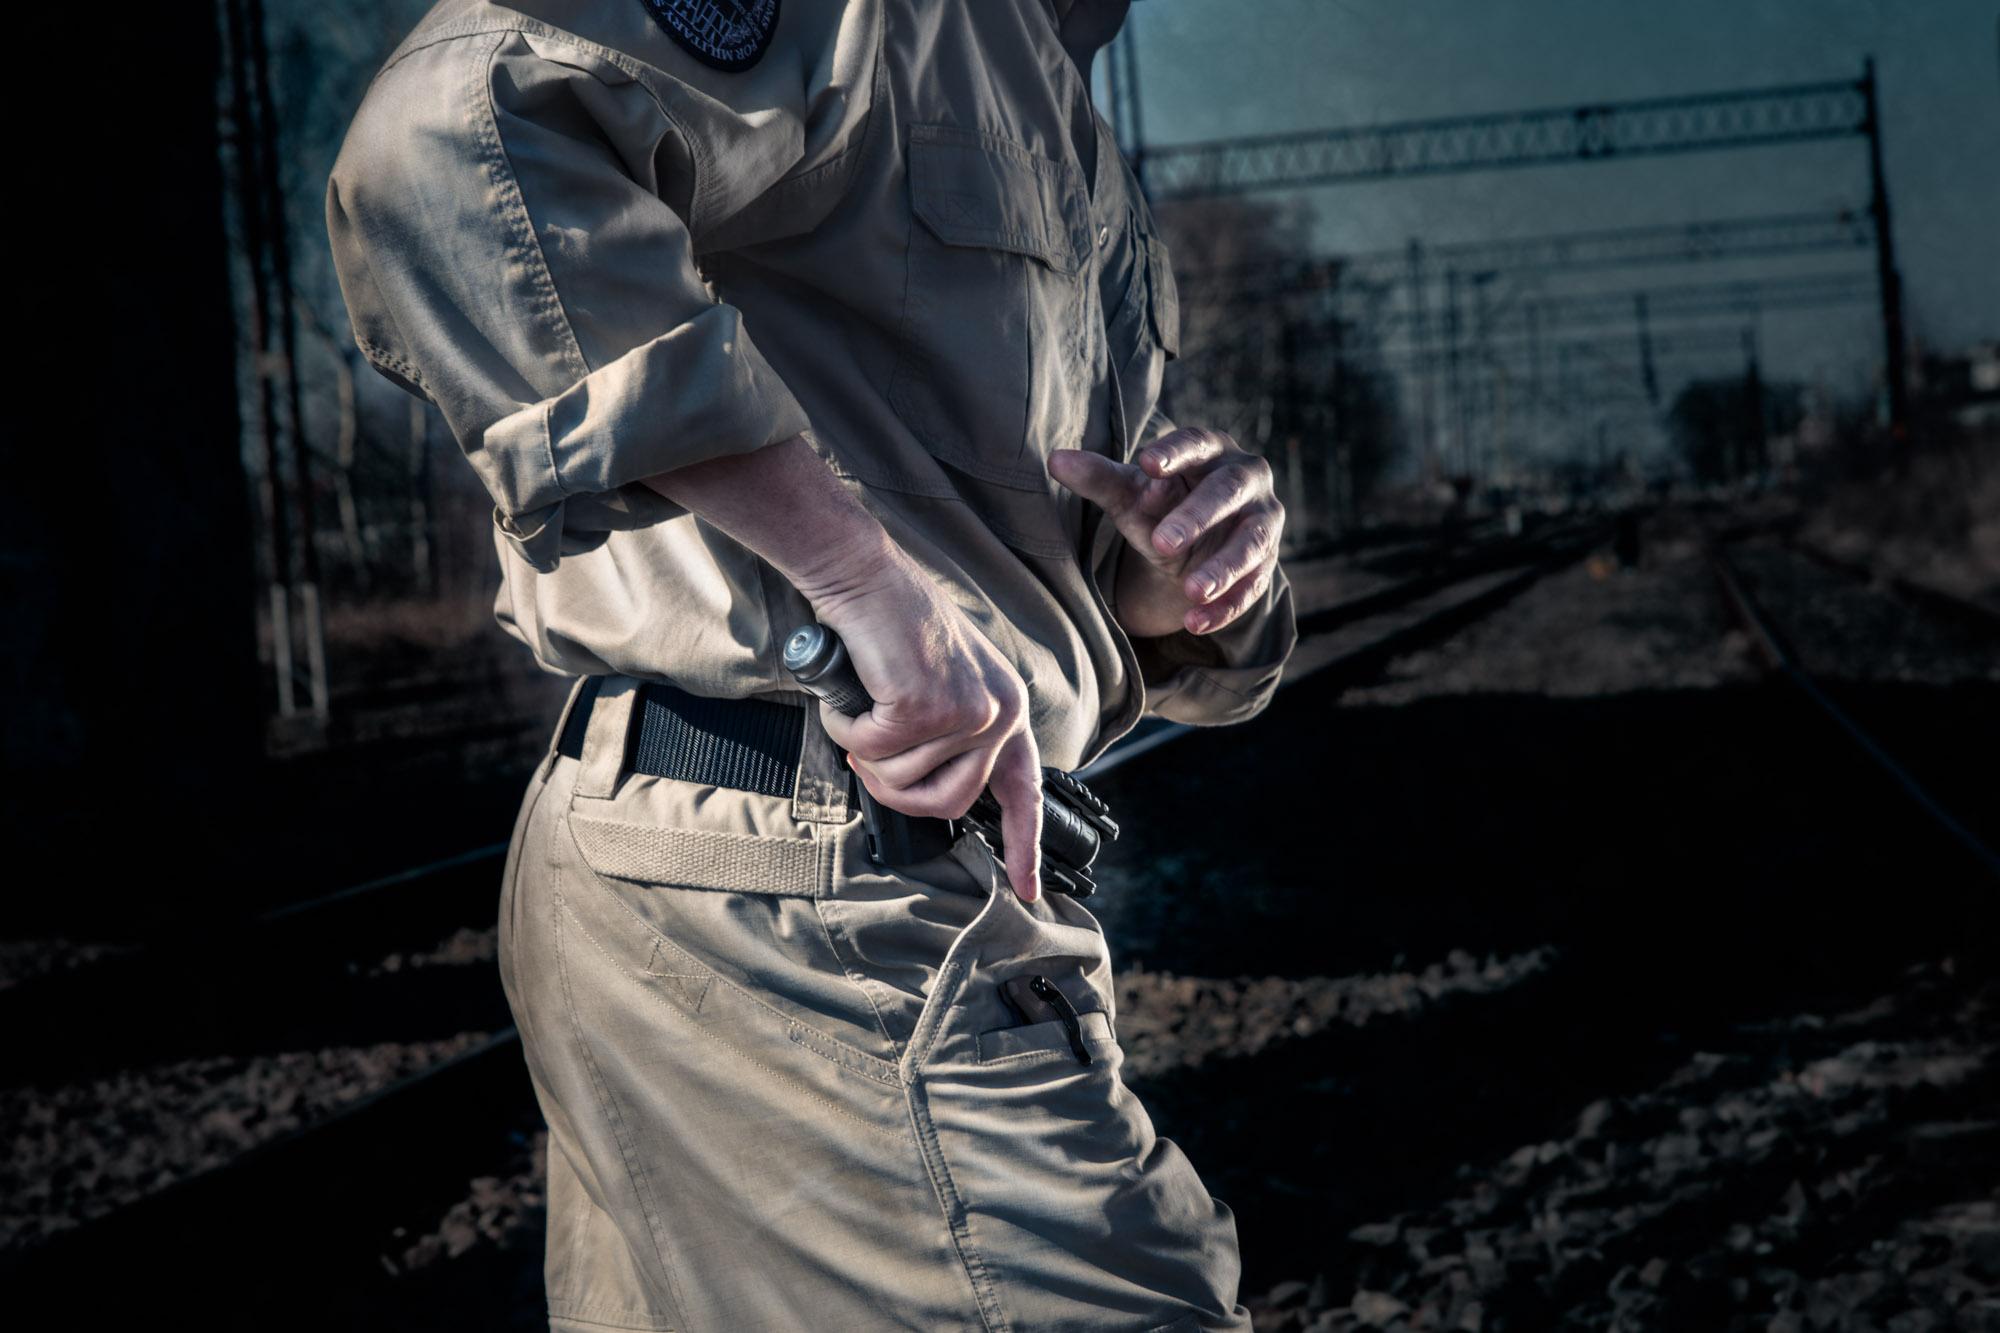 jan nycek_sajn_afryka_szkolenie sluzb mundurowych_palka teleskopowa_walka wrecz_walka nozem_samoobrona dla kobiet_1.jpg